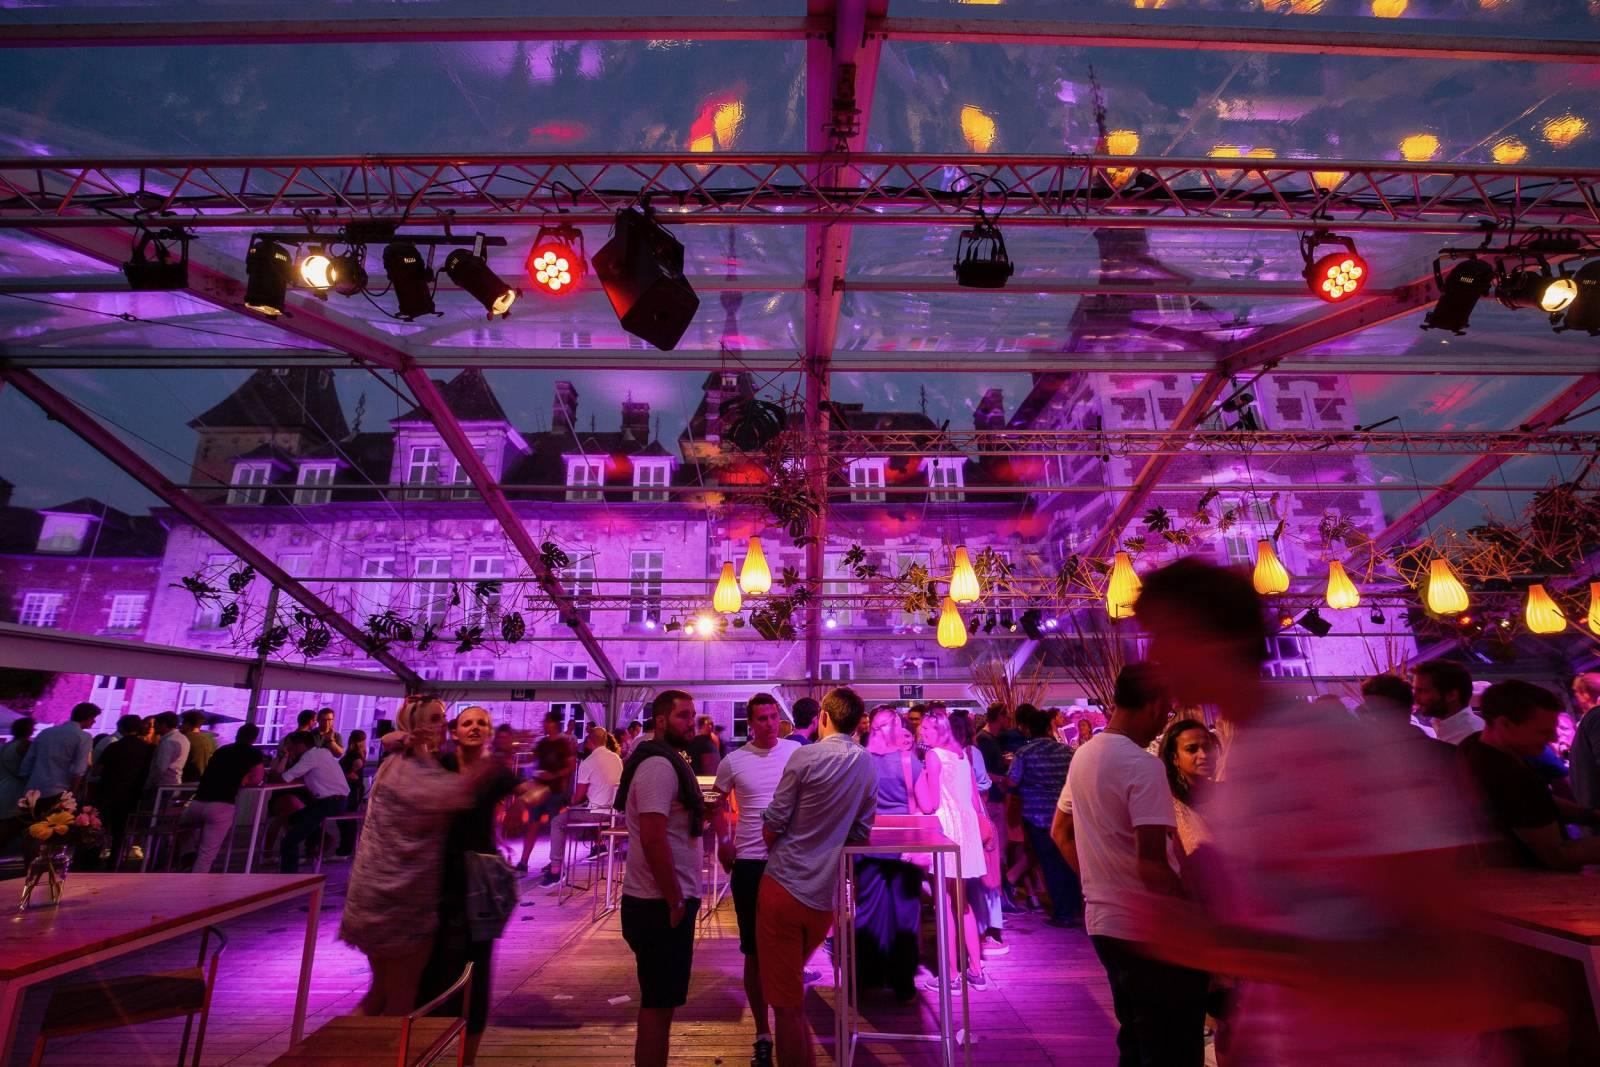 Tentmoment - Feesttent - Tent Event - Verhuur Tenten - Fotograaf Jurgen De Witte - House of Events - 24